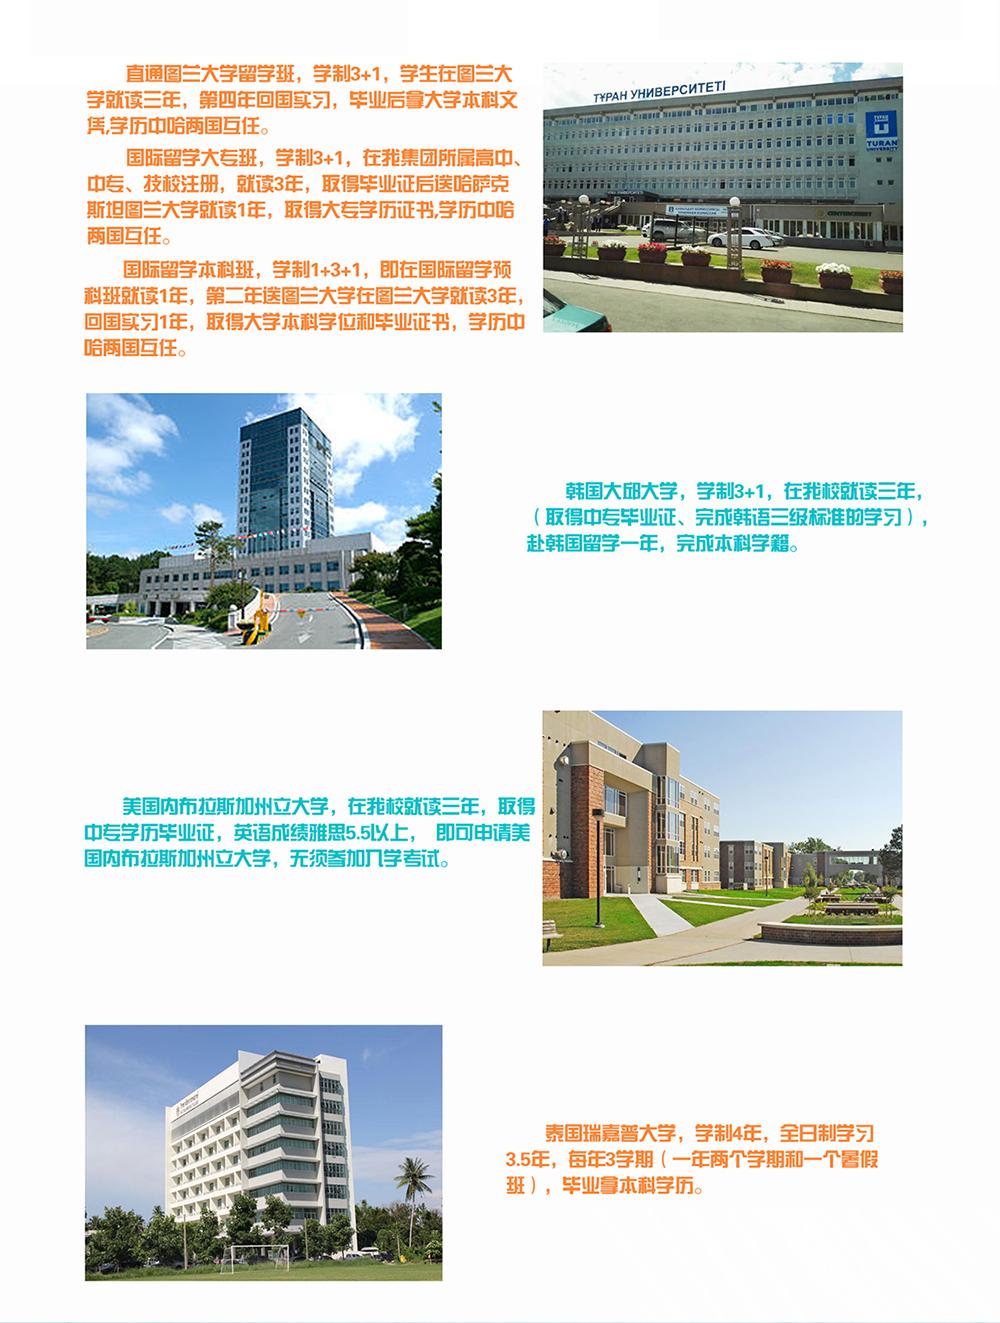 甘肃北方技工学校北方校区